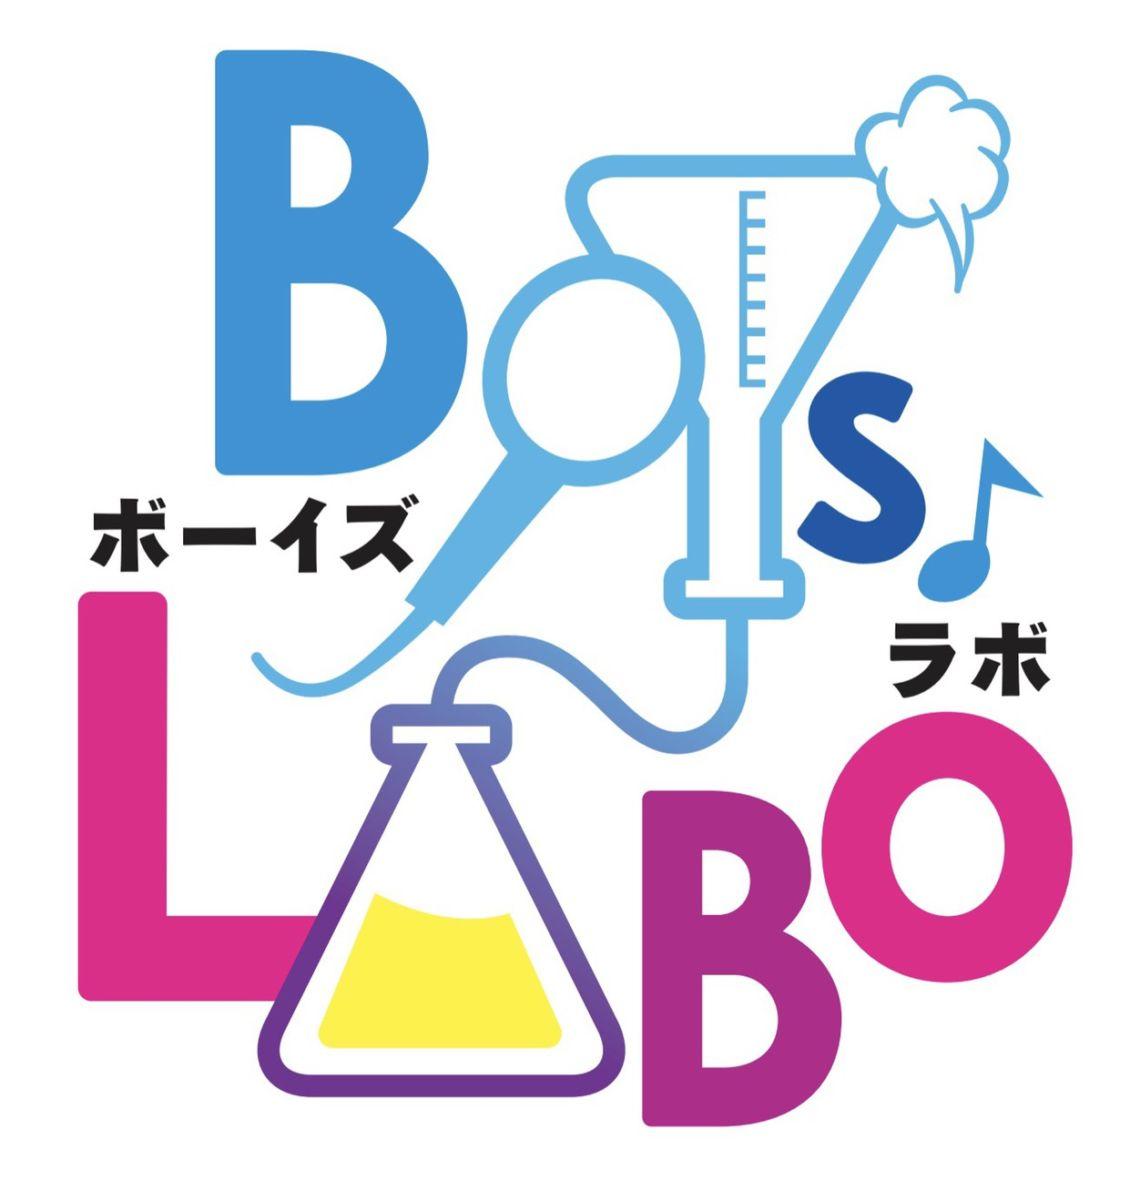 「Boys Labo 〜再スタートします〜」